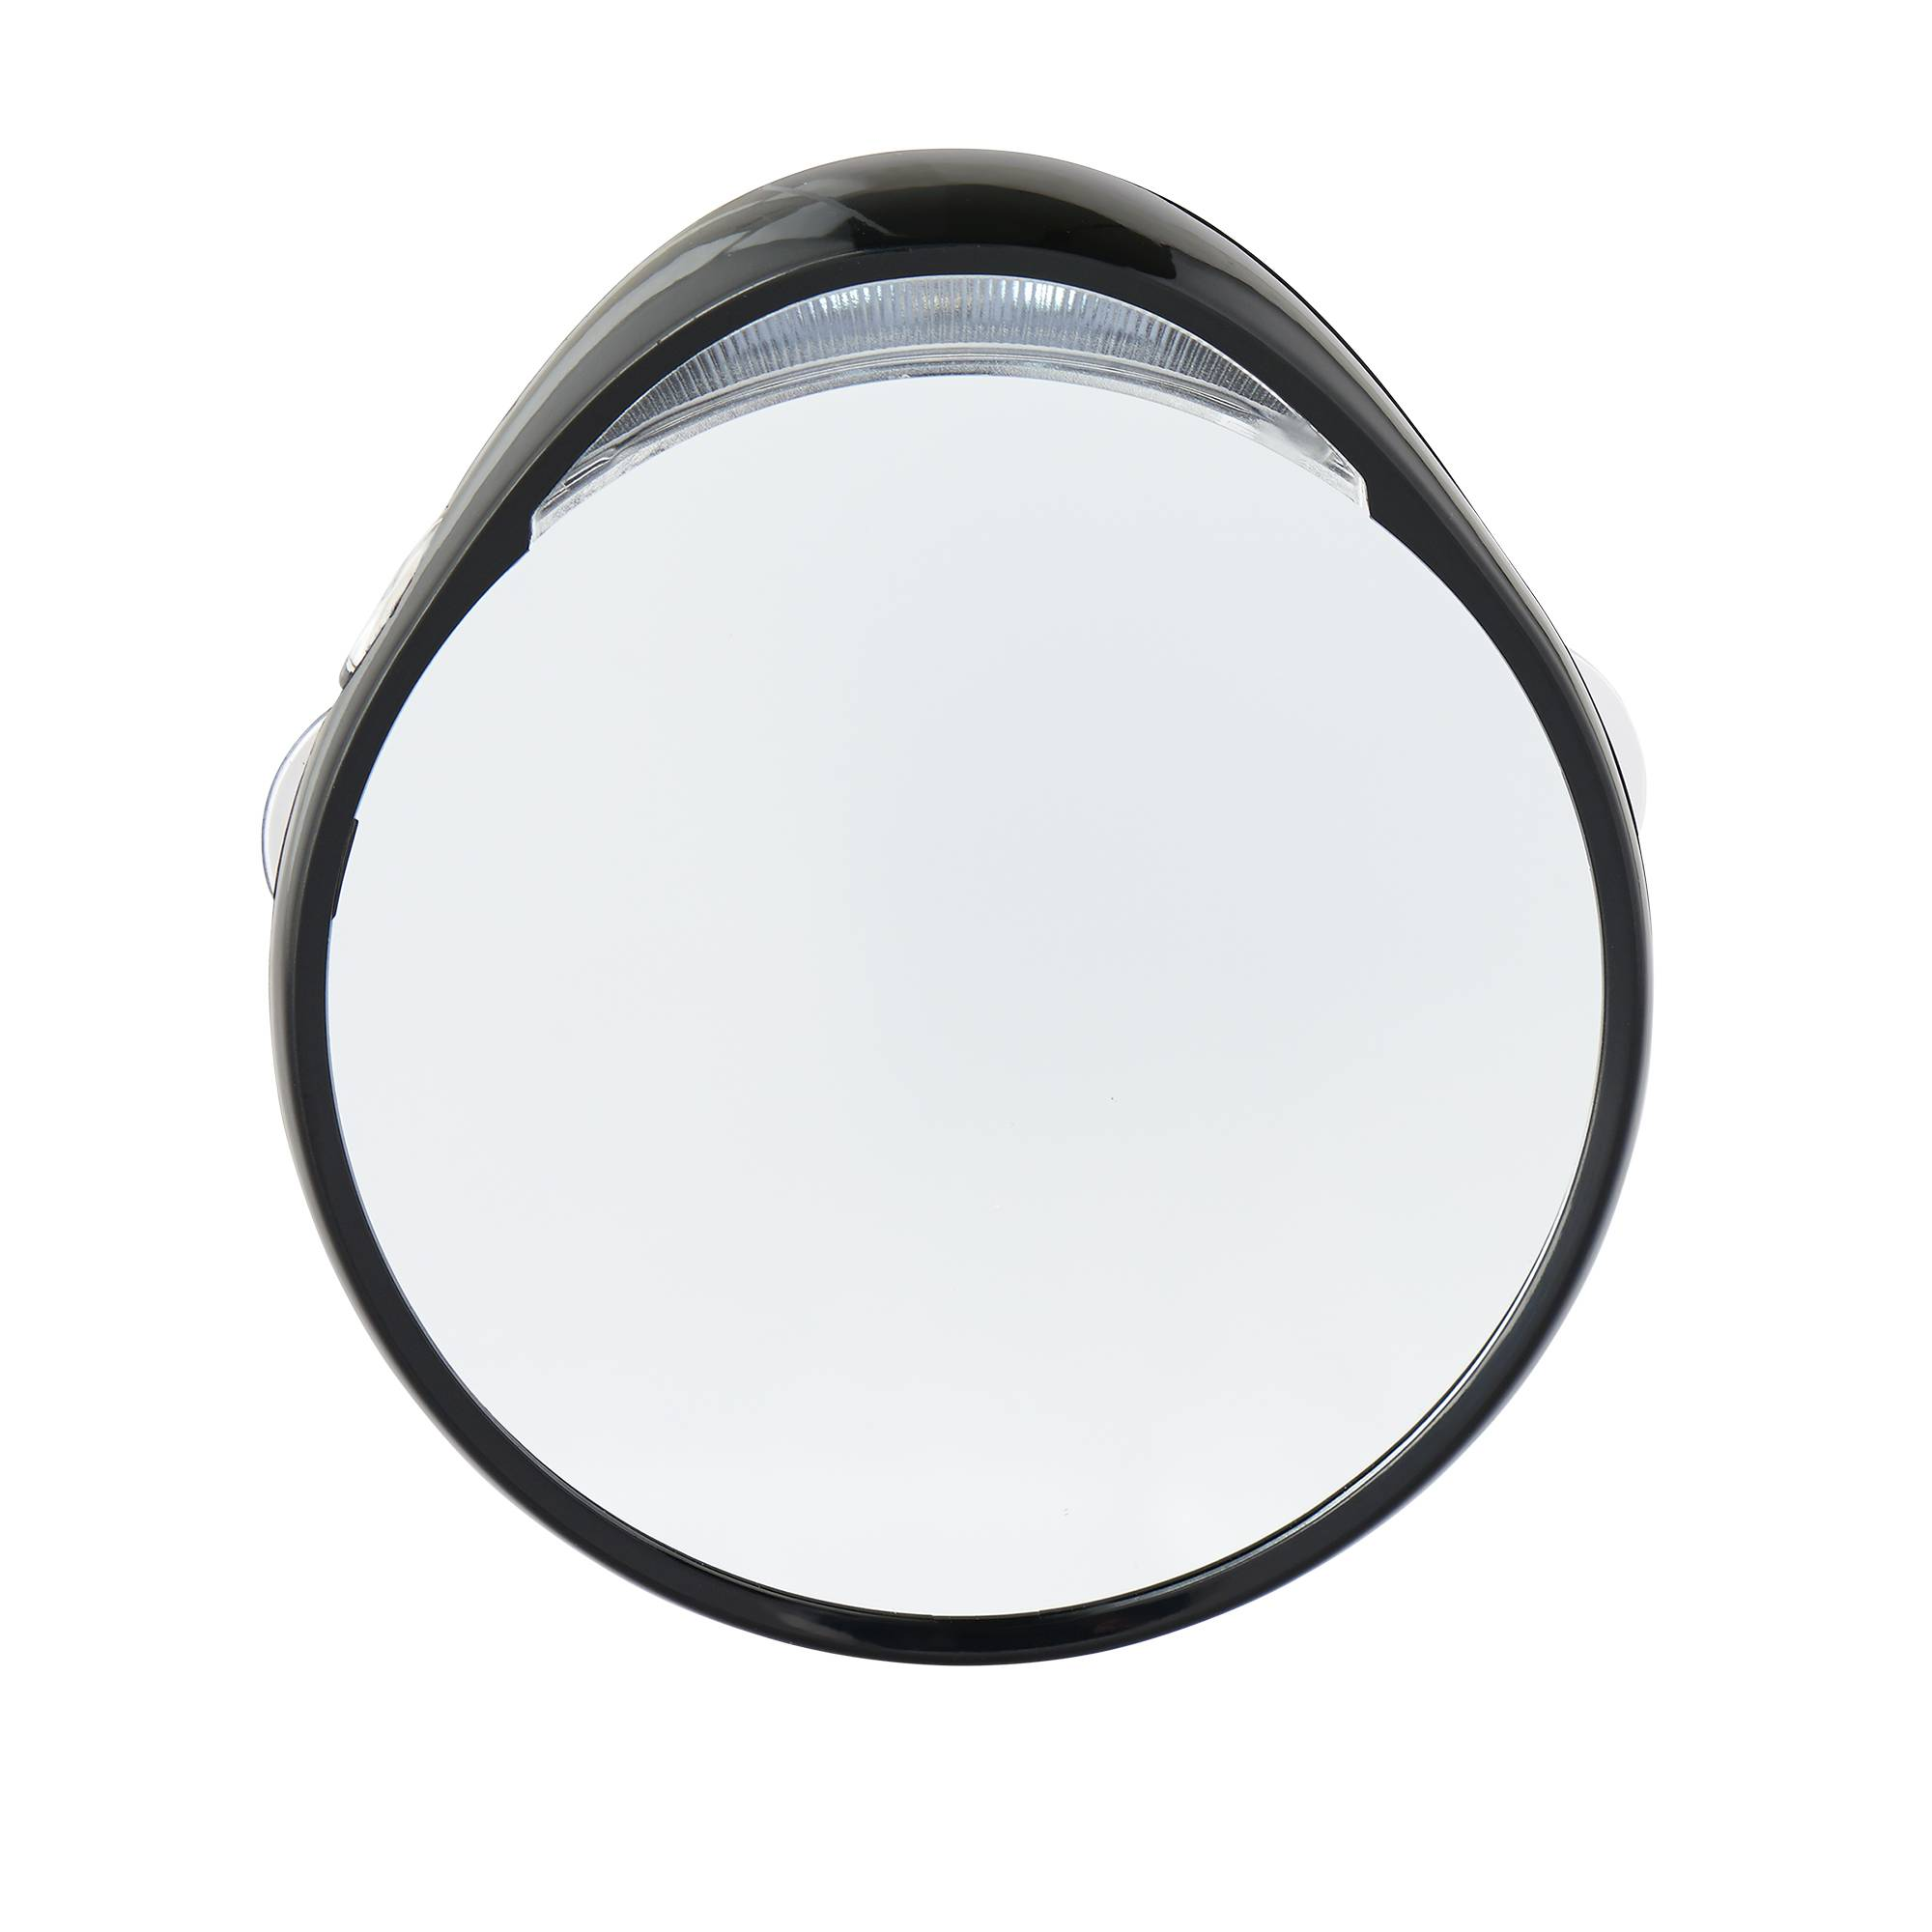 Tweezerman Facial Magnifying Mirror With Light